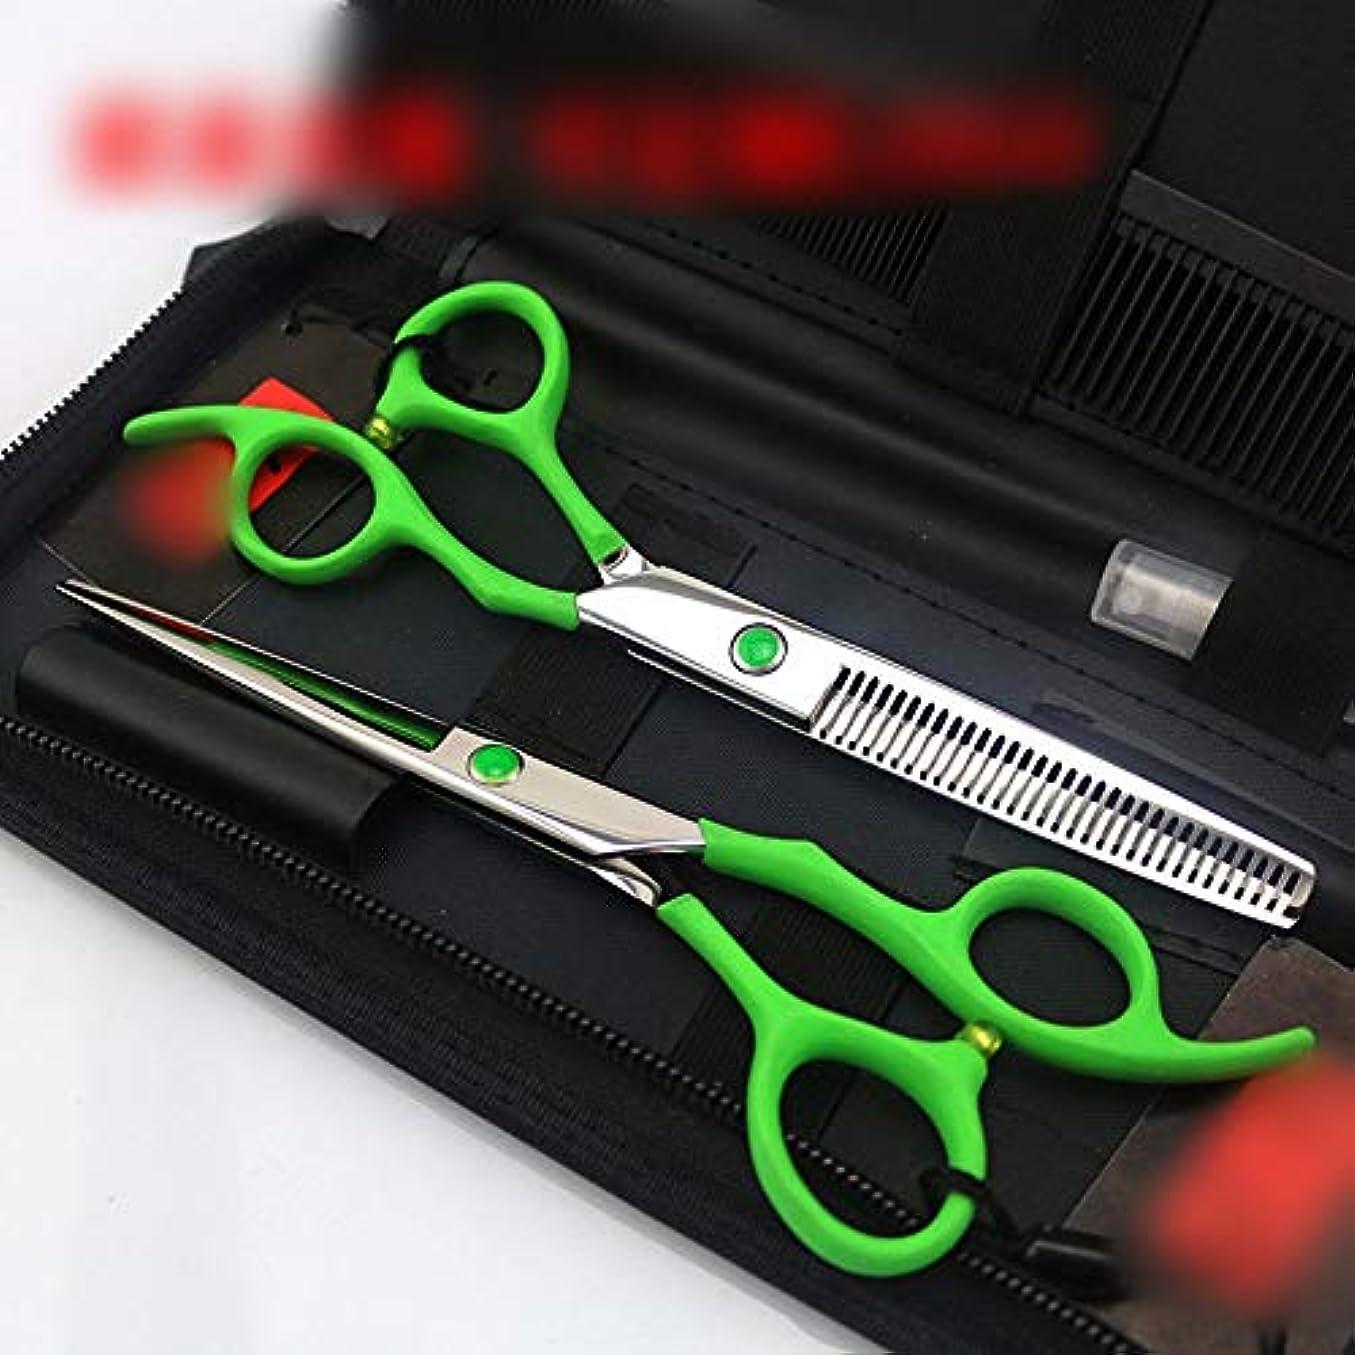 呼吸効率潤滑するHairdressing 6.0インチグリーンプロフェッショナル理髪はさみセット、フラット+歯はさみ理髪ツールセットヘアカットはさみステンレス理髪はさみ (色 : オレンジ)